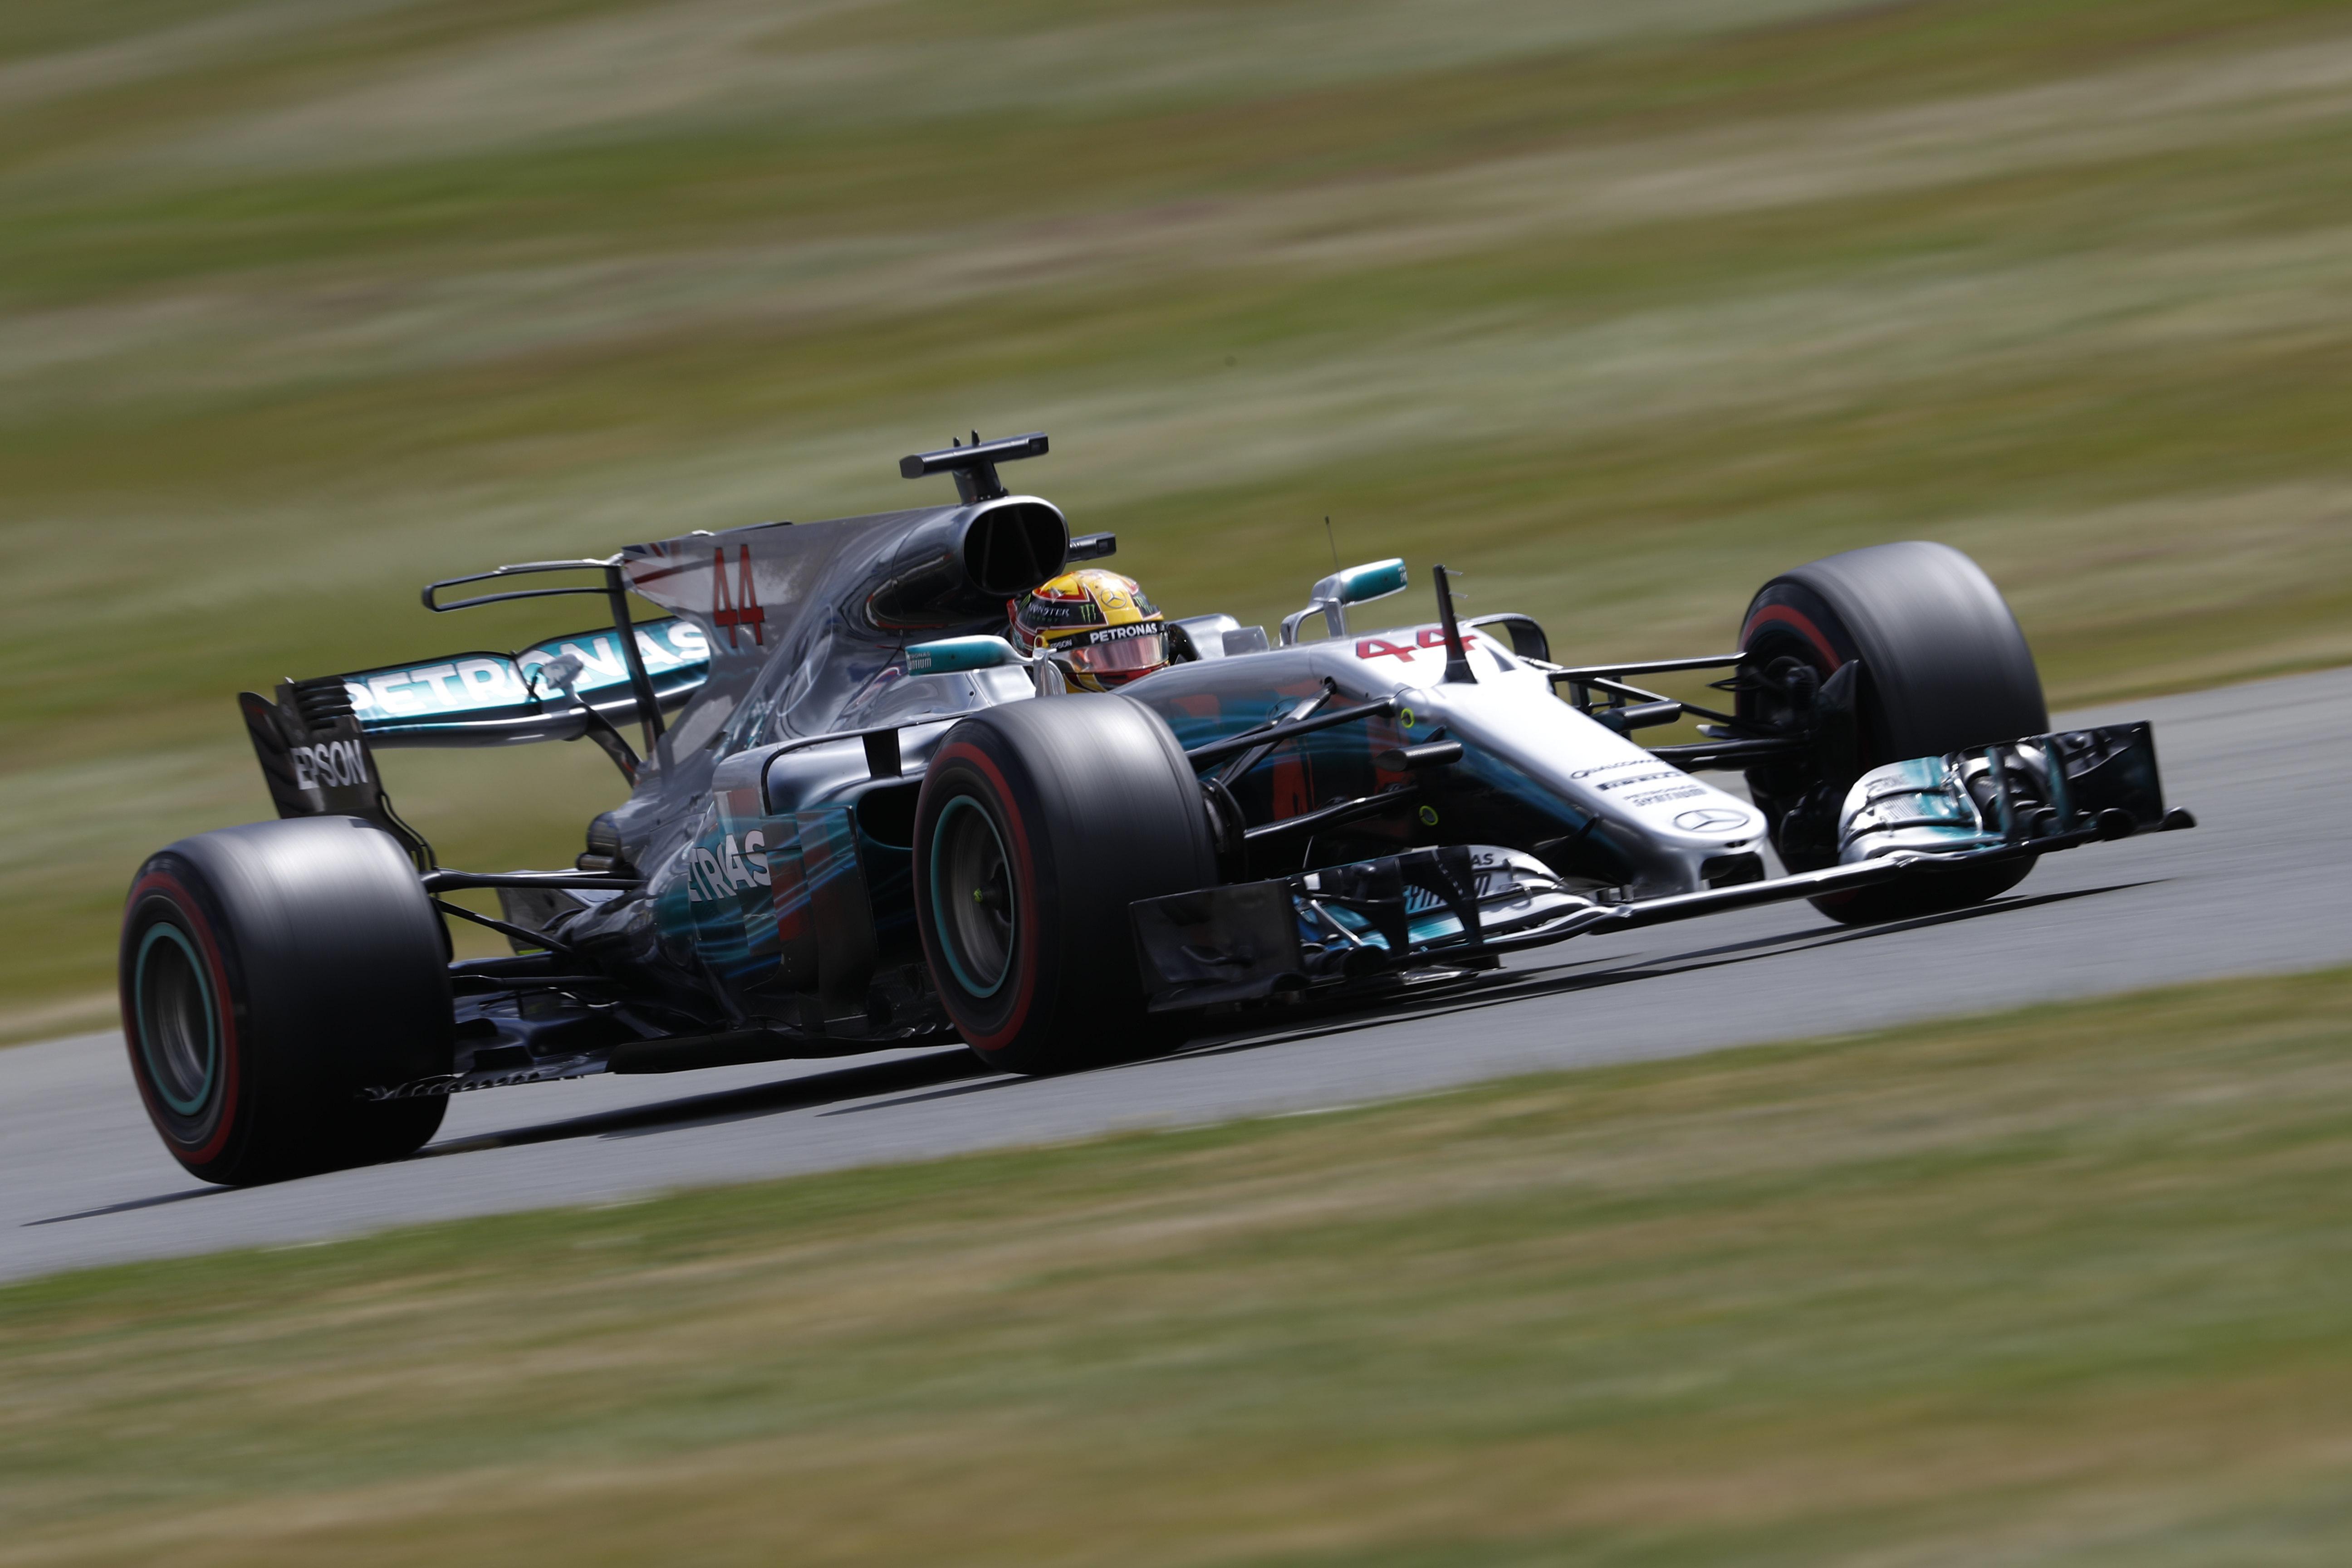 Formel 1 - Mercedes-AMG Petronas Motorsport, Großer Preis von Großbritannien 2017. Lewis Hamilton   Formula One - Mercedes-AMG Petronas Motorsport, British GP 2017. Lewis Hamilton